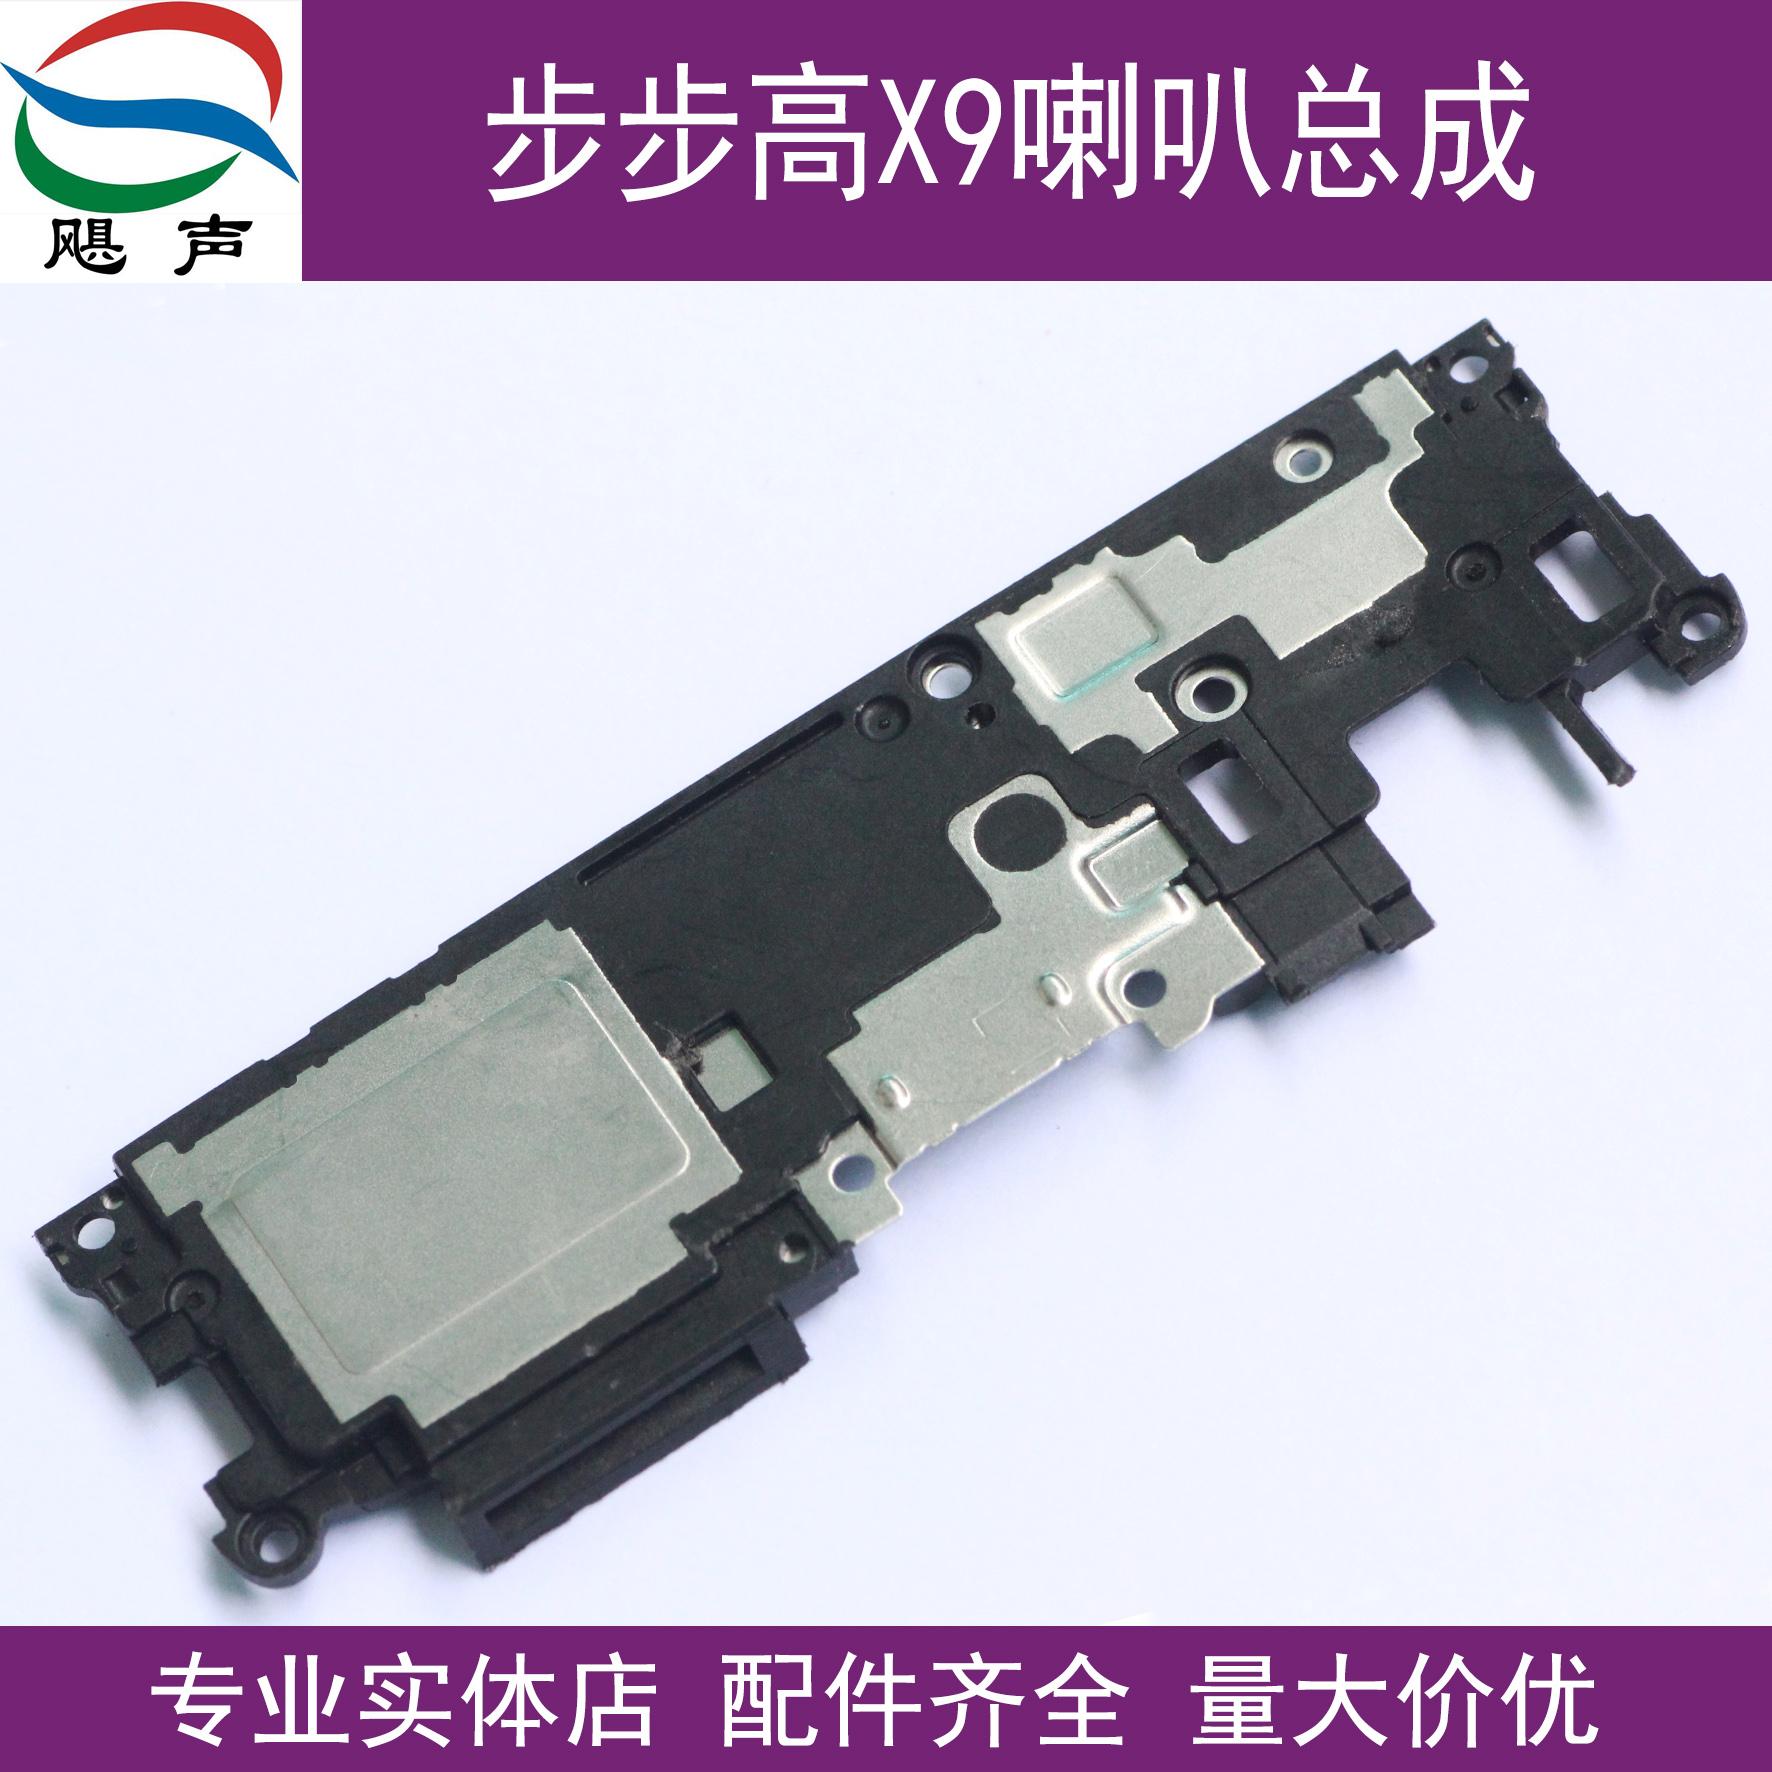 适用于VIVO步步高X9 X9PLUS扬声器总成 X9I外放喇叭X9P听筒受话器